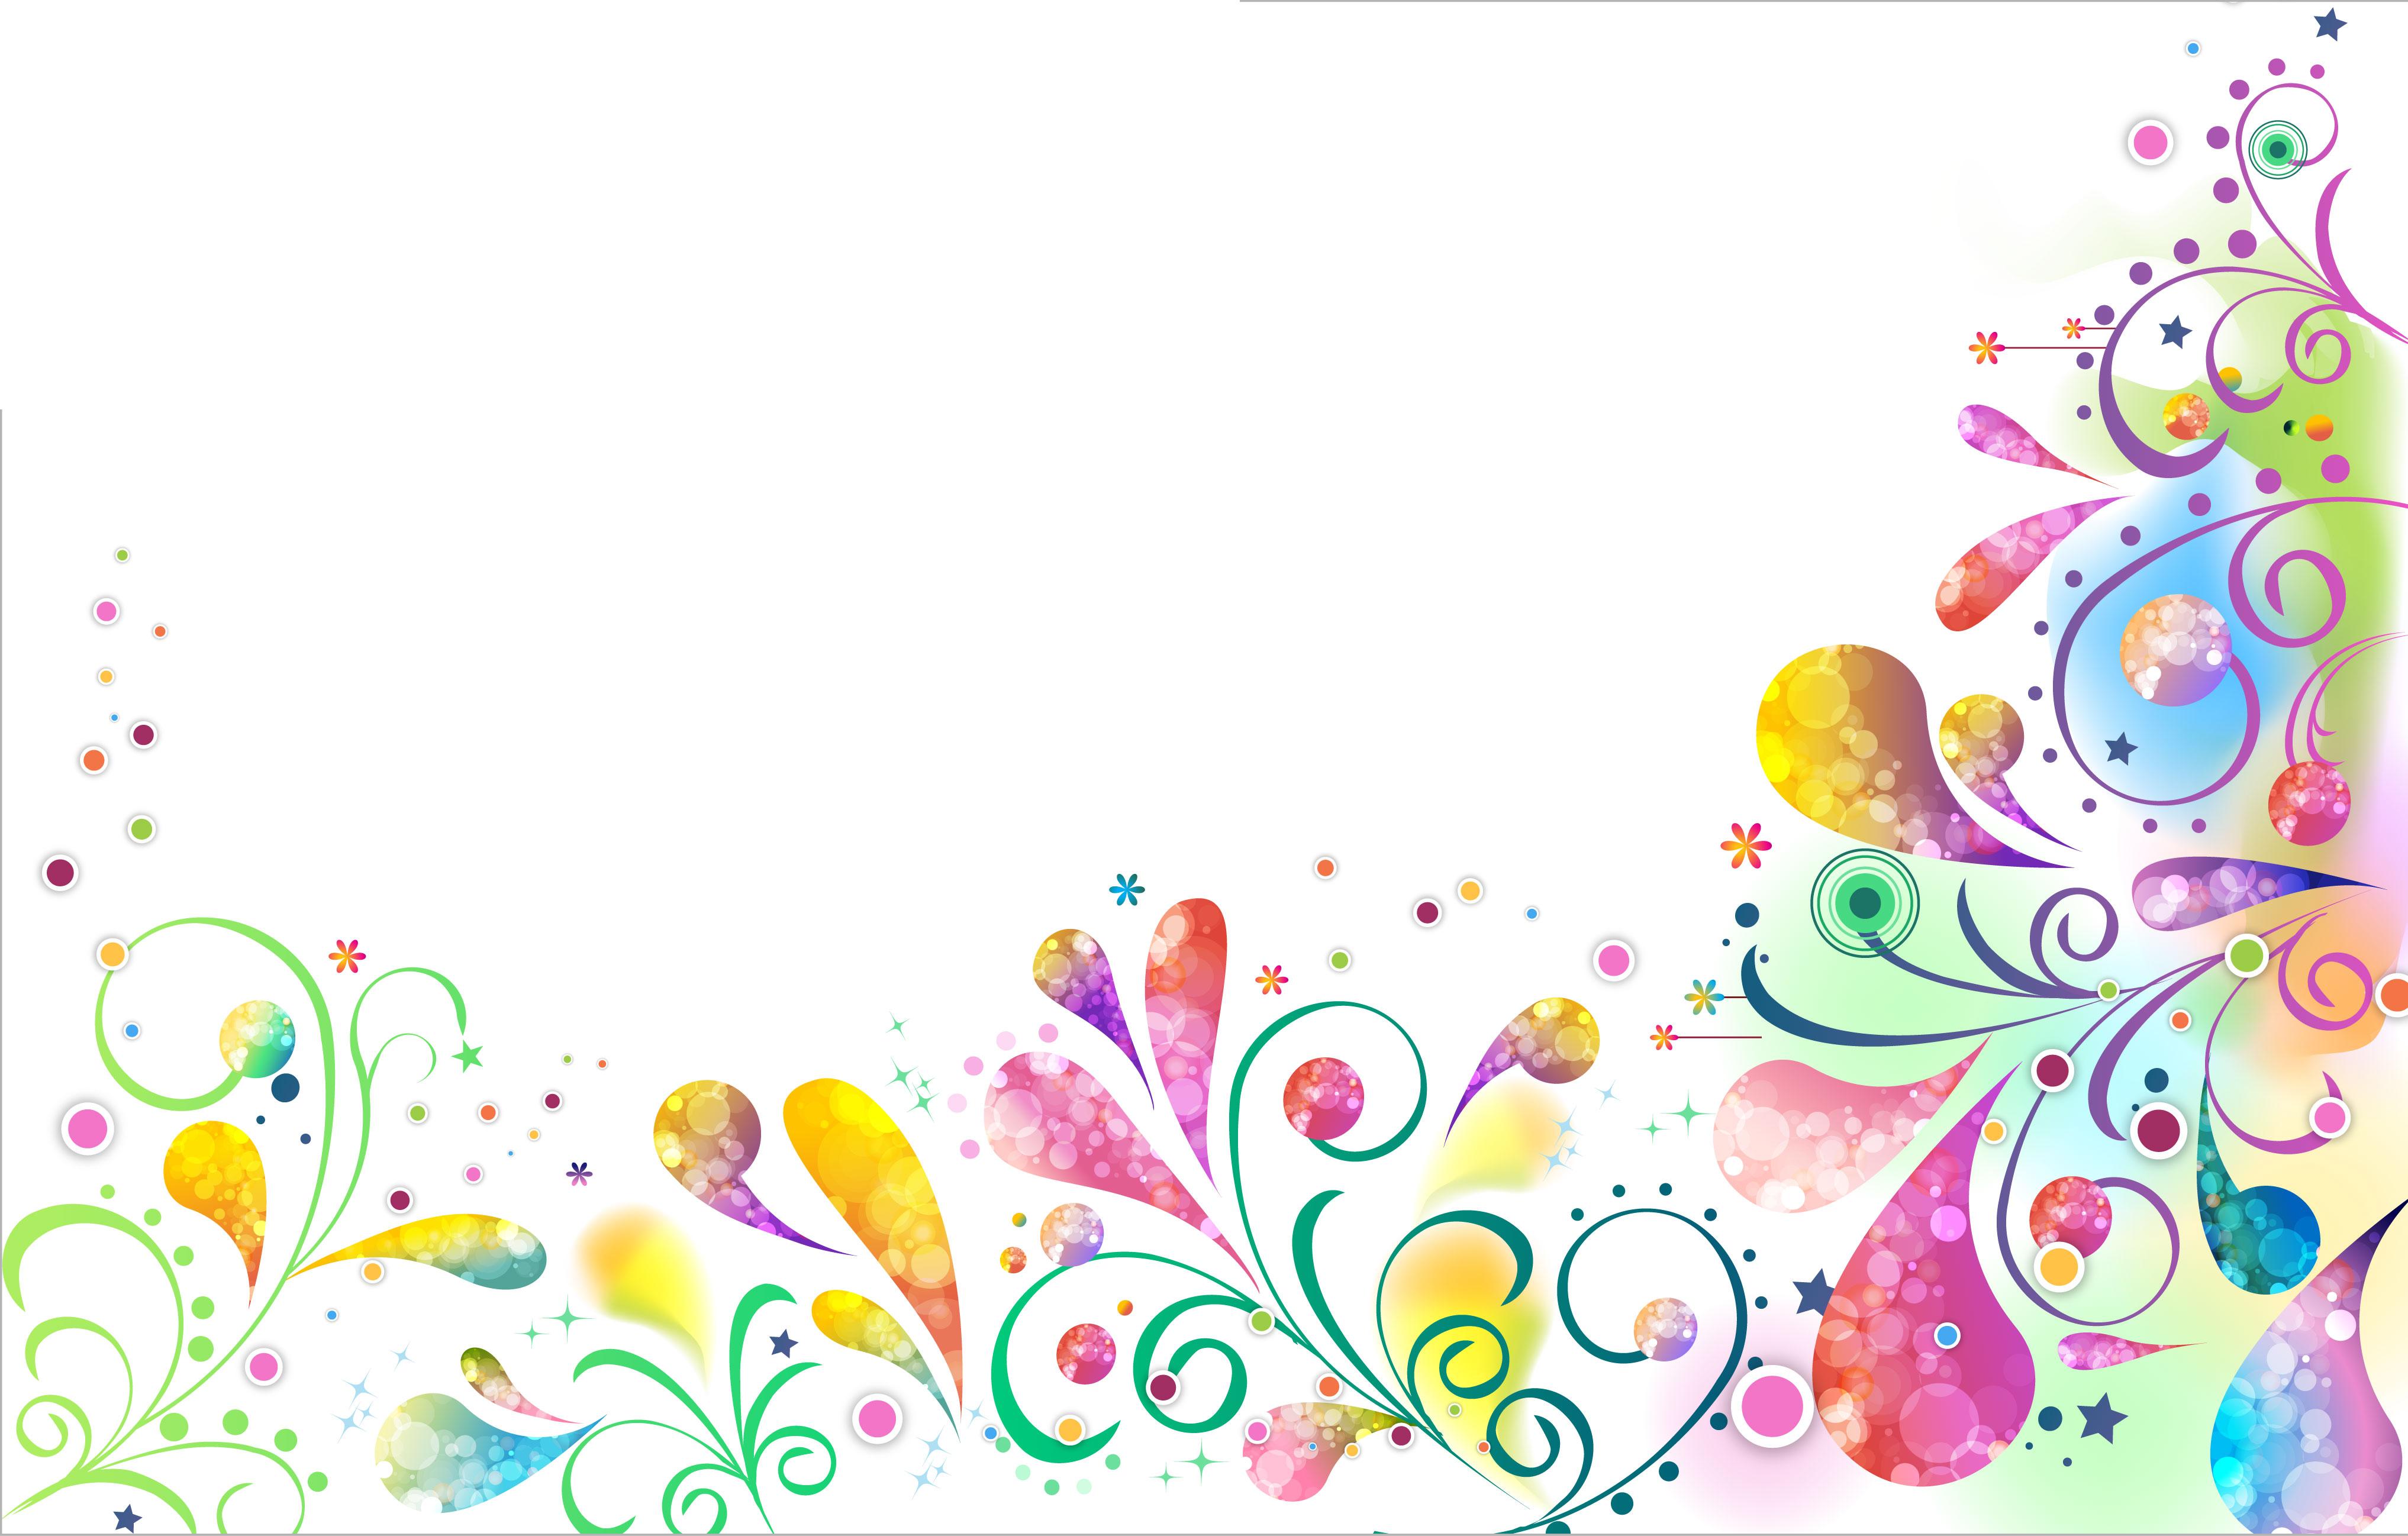 花のイラスト・フリー素材/壁紙・背景no.606『カラフル・淡い・茎葉